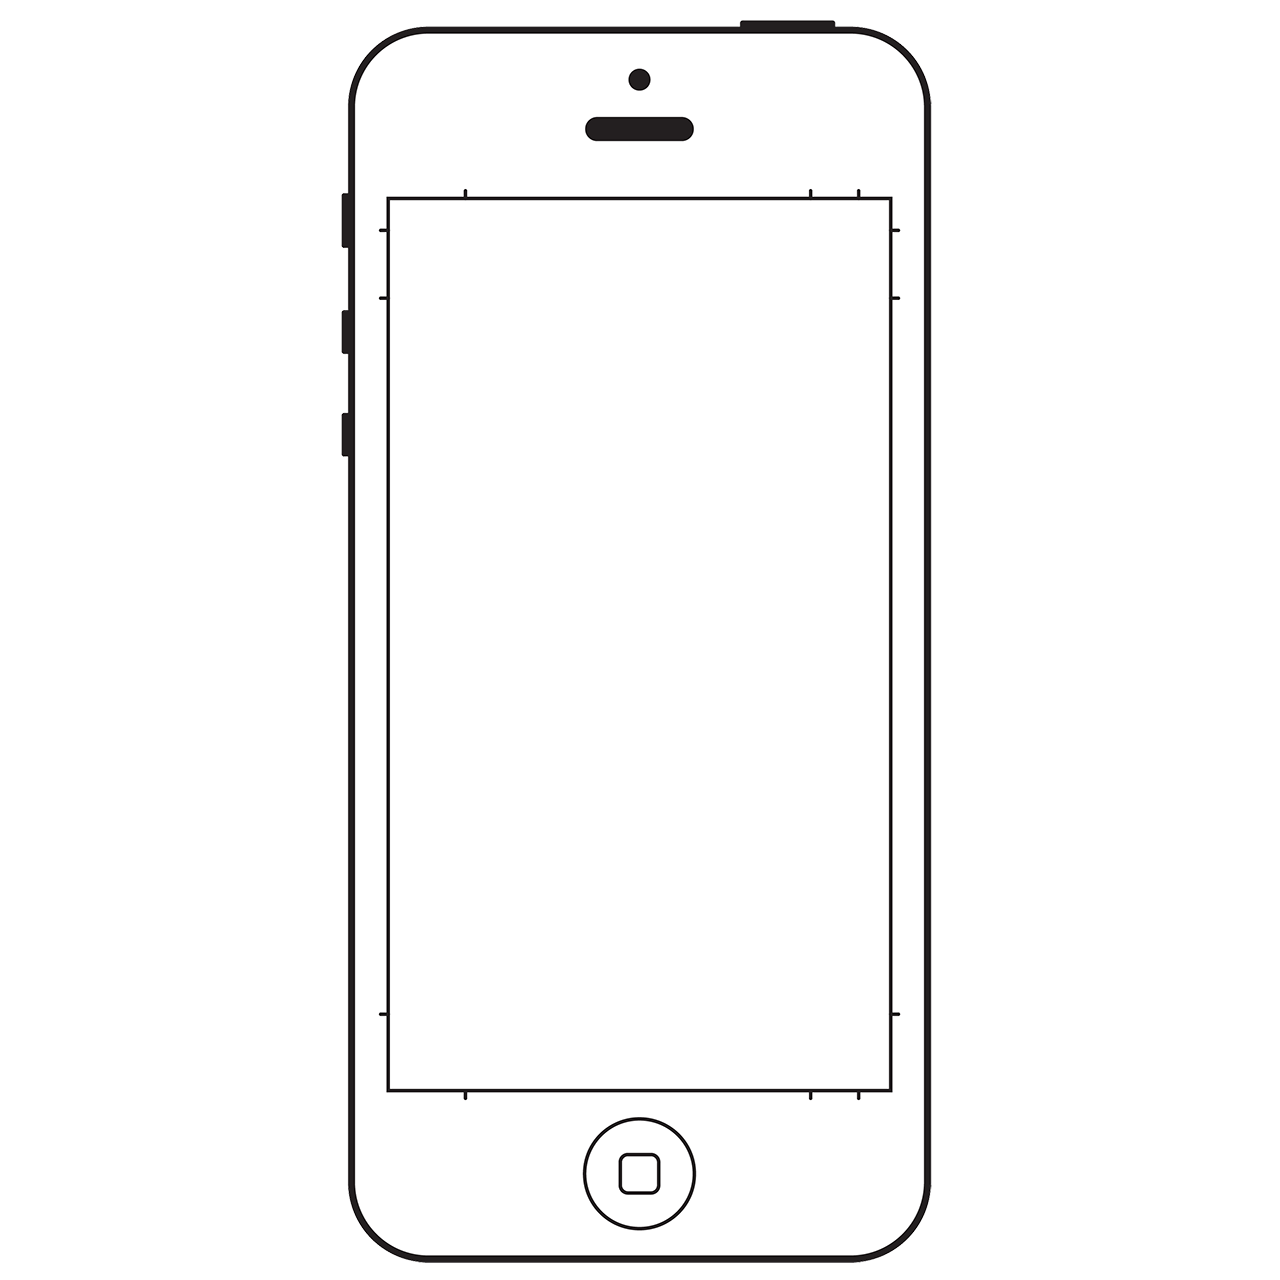 Iphone transparent tumblr